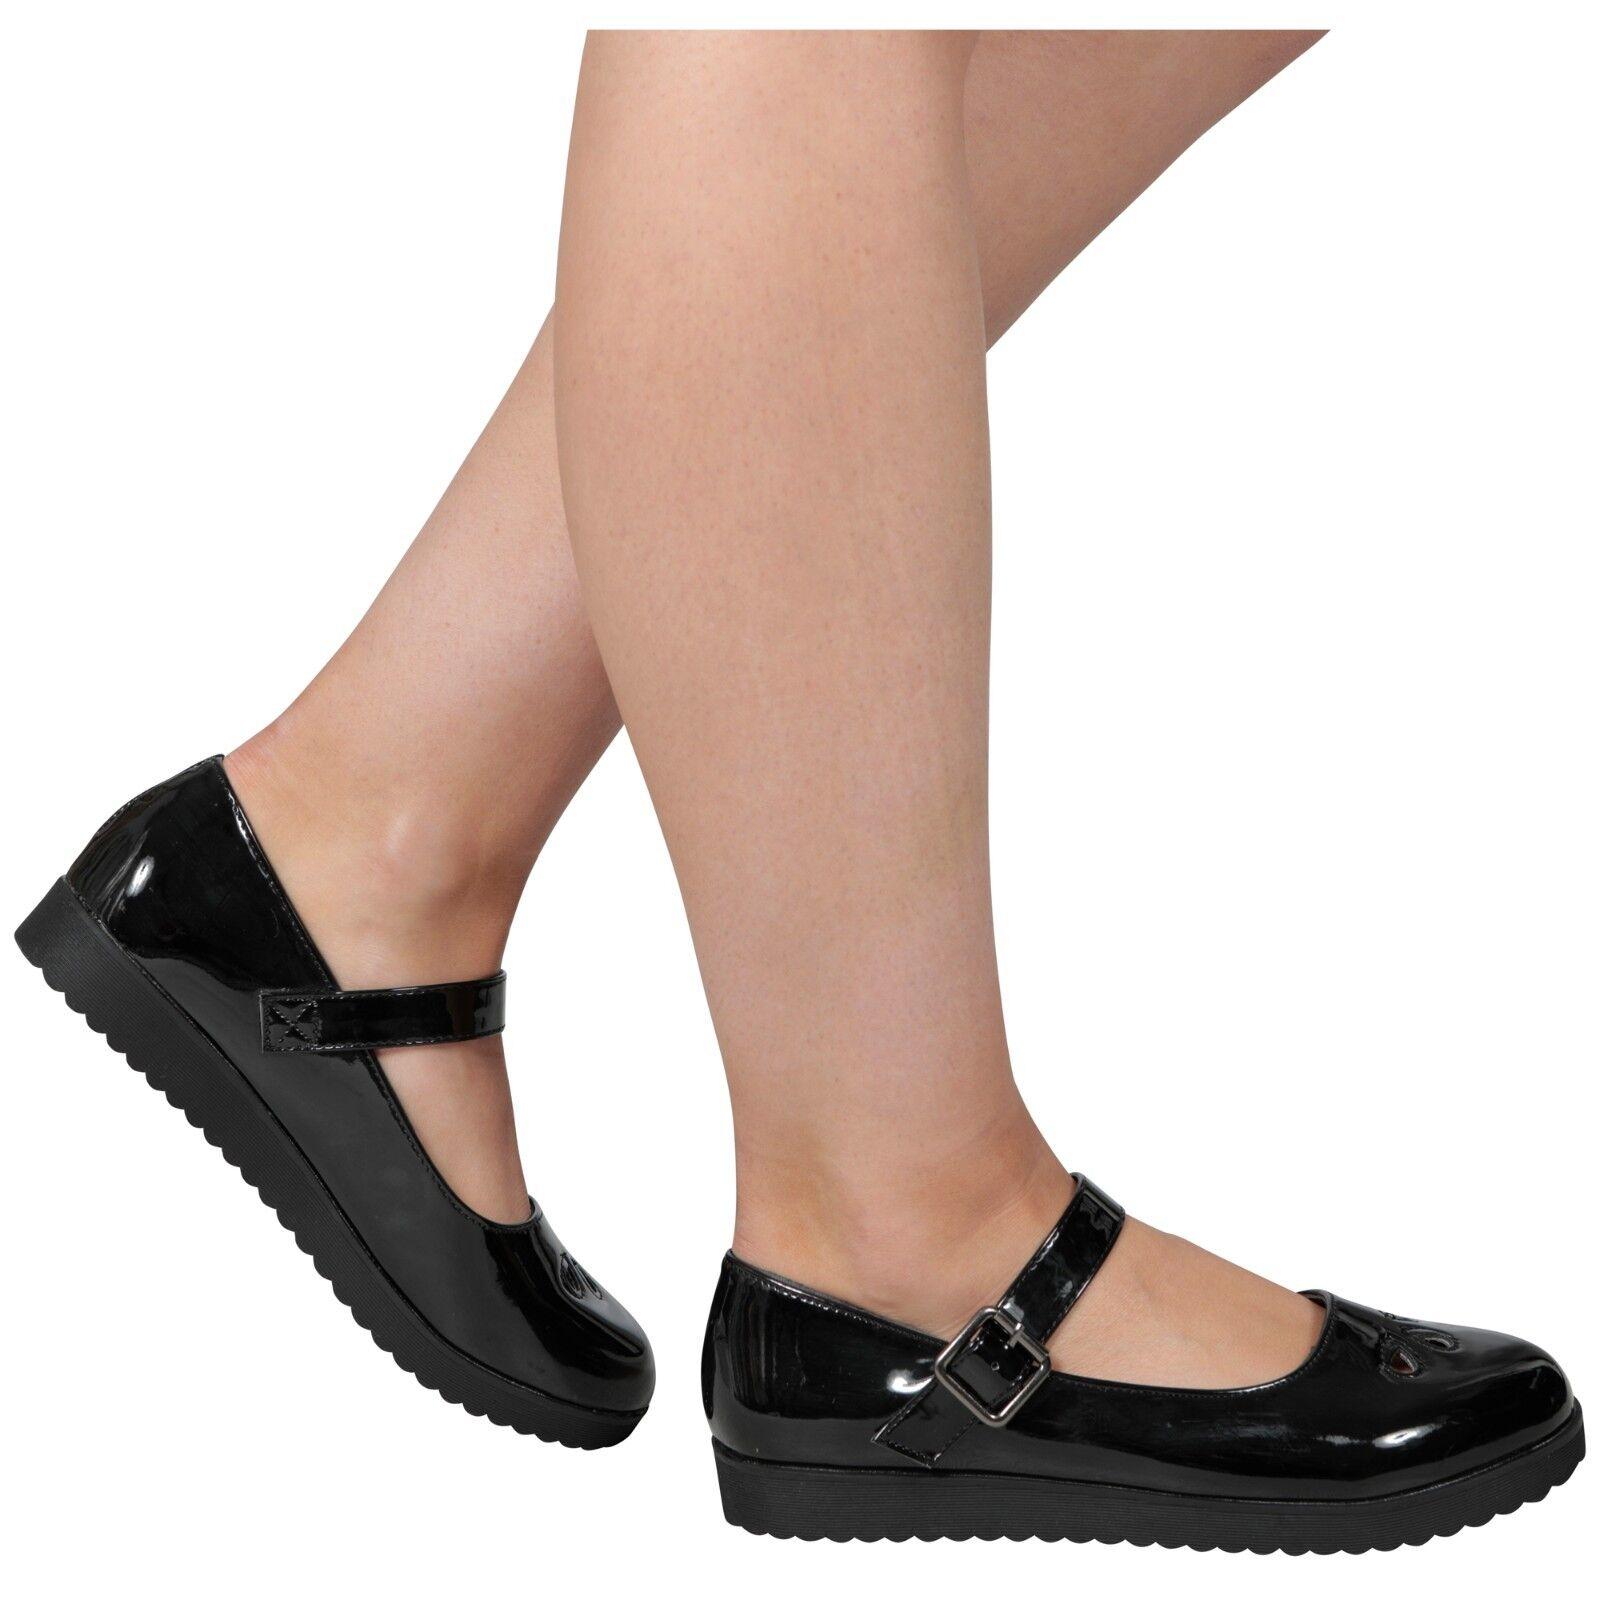 Damas CIERRES Azul Marino  Zapatos  SIN CIERRES Damas